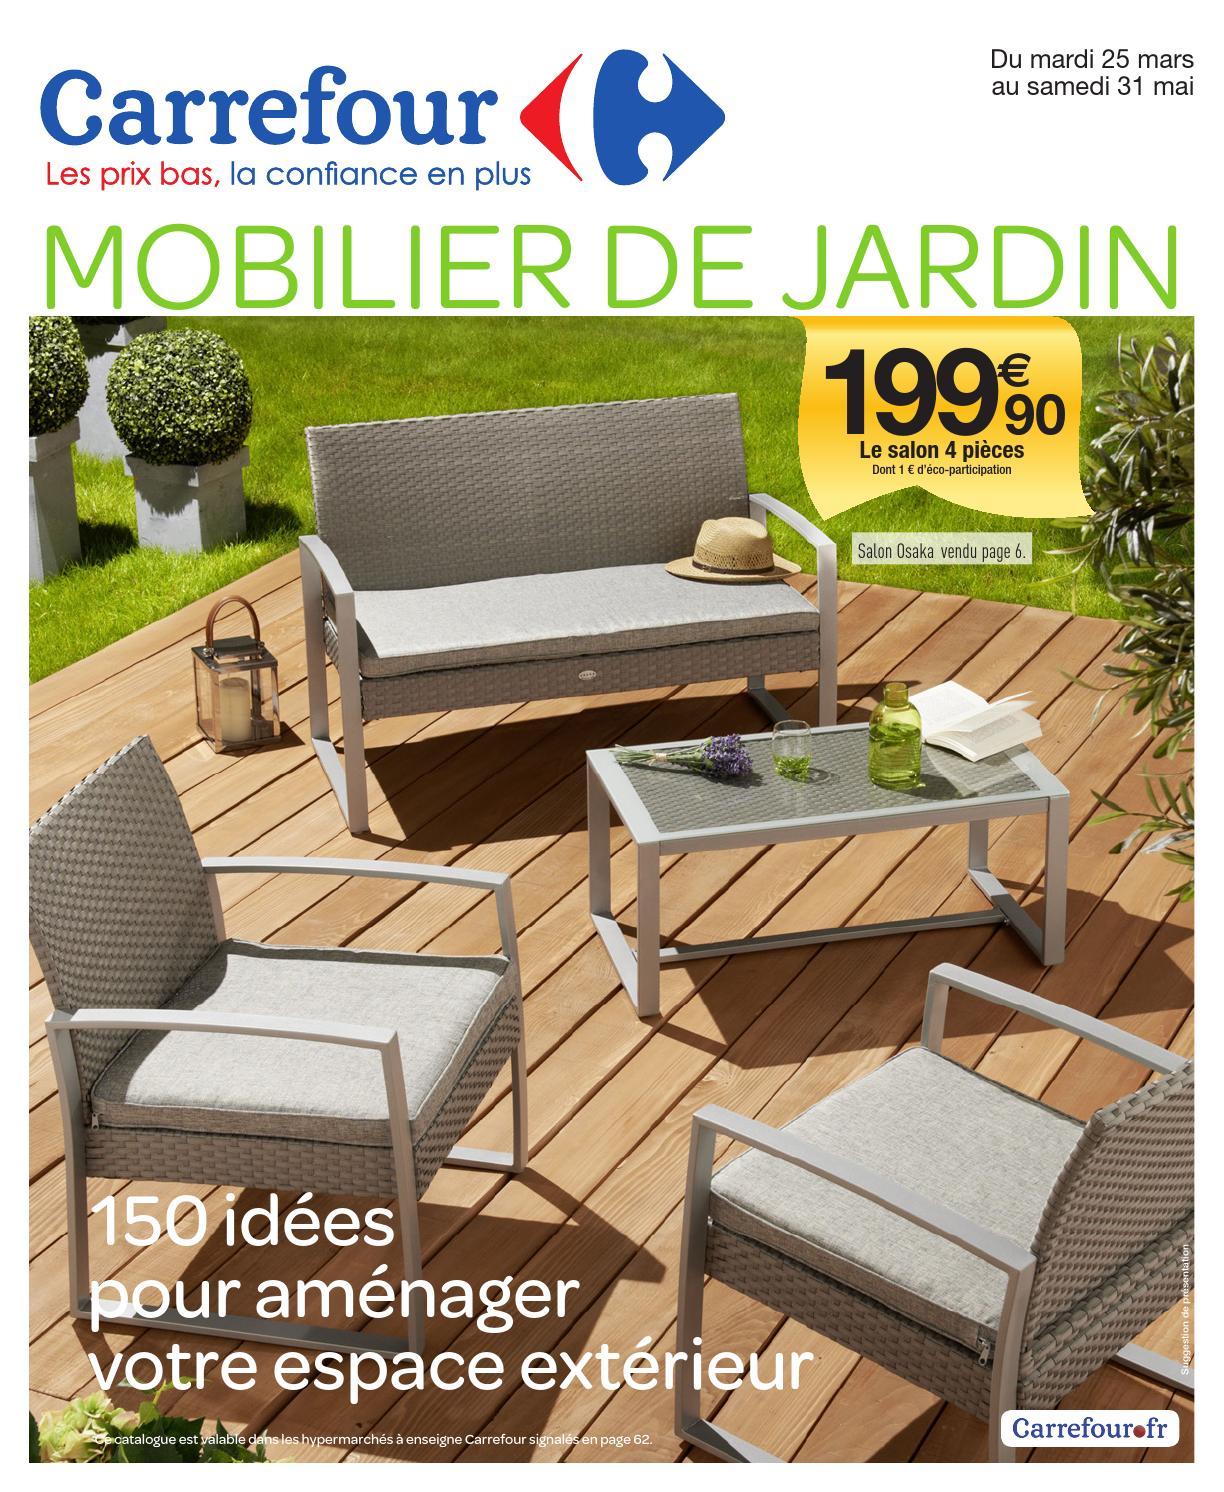 Catalogue Carrefour - 25.03-31.05.2014 By Joe Monroe - Issuu destiné Salon De Jardin Weldom